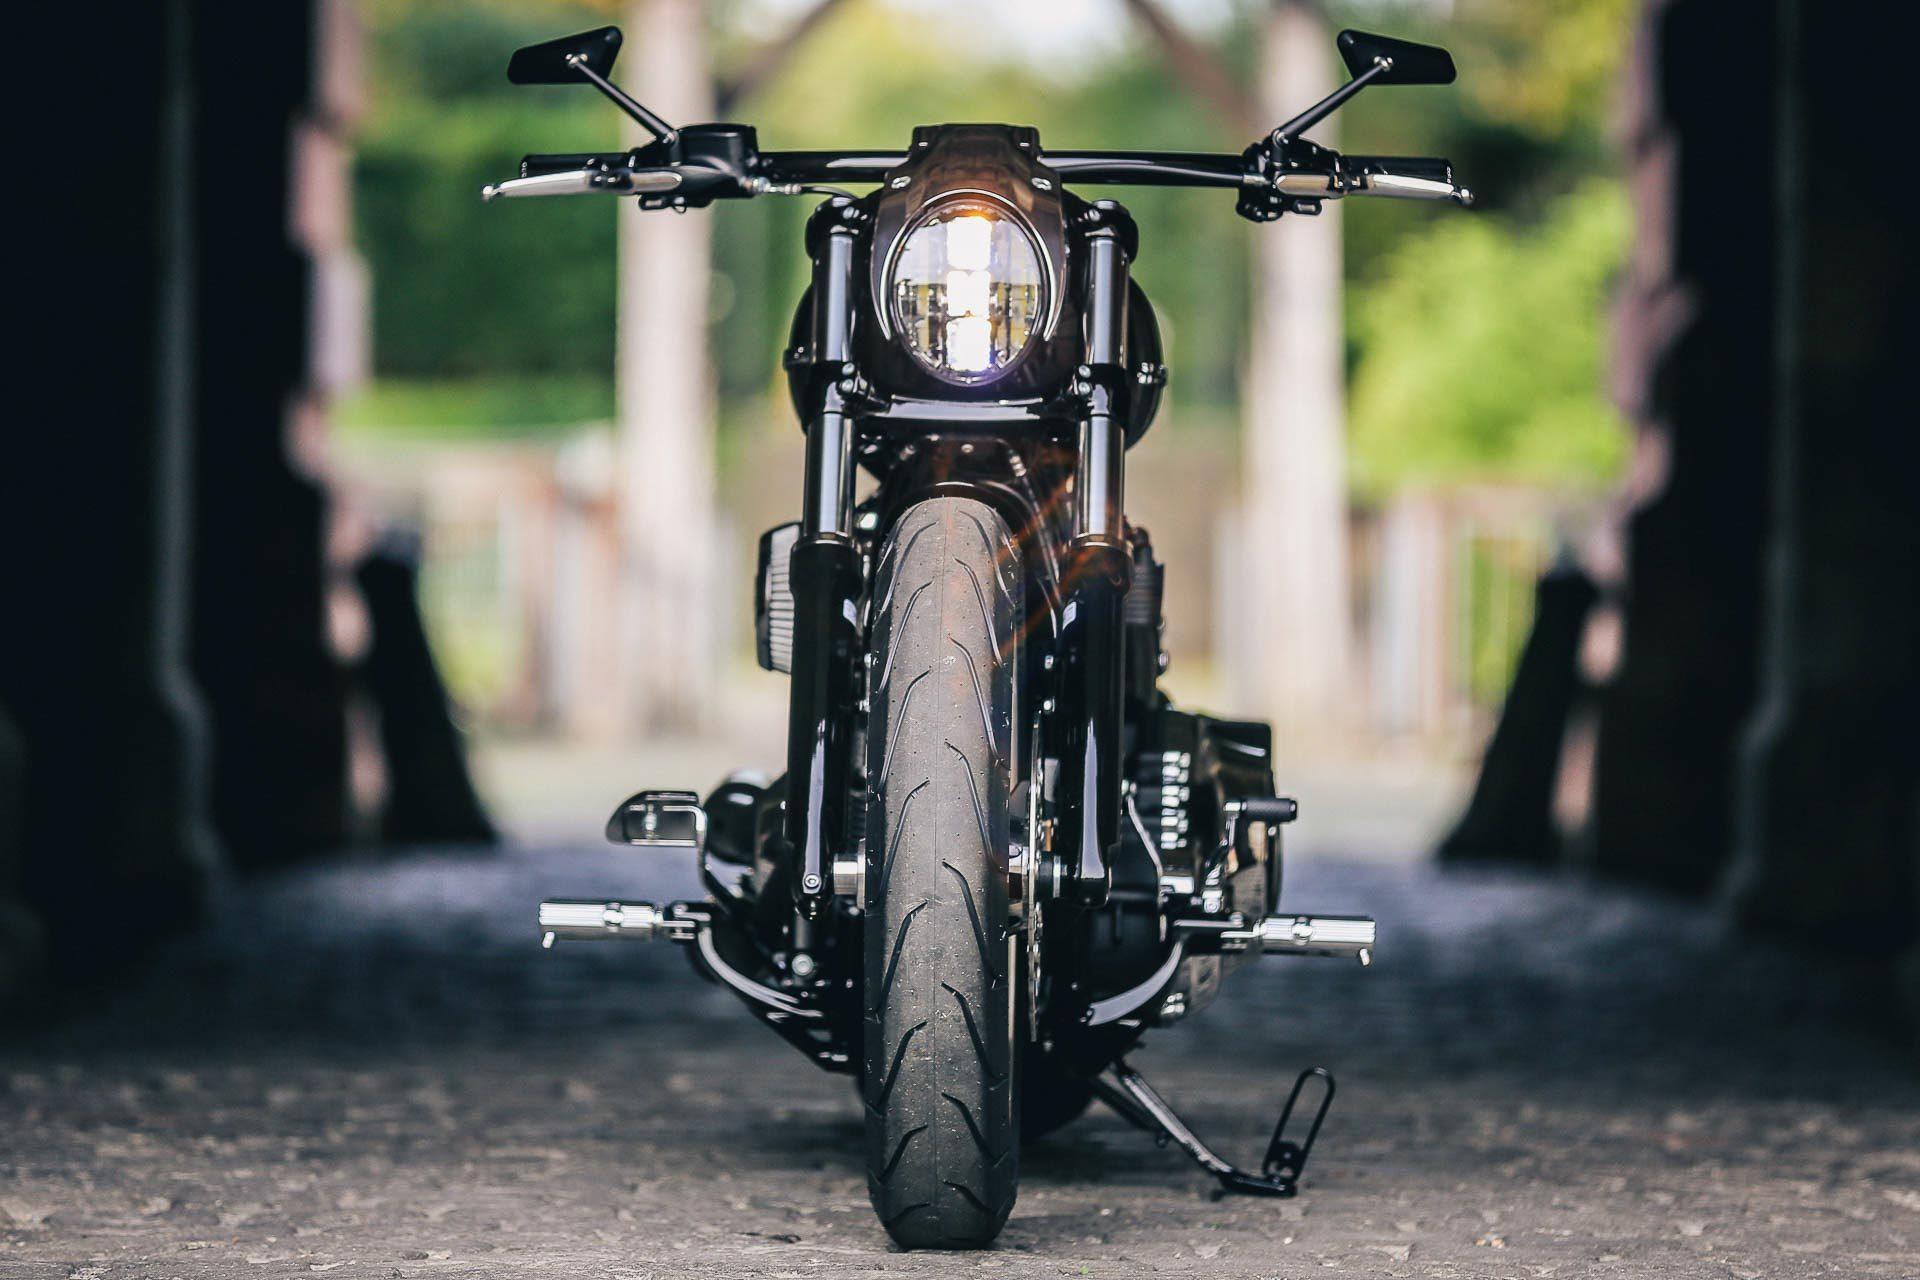 Thunderbike Chromehead H D Breakout Fxbrs Softail Custom Umbau Harley Dyna Fuse Box Cover Andere Verbaute Parts Wie Der Heckfender Steel Mit Integriertem Led Brems Und Blinklicht Den Dazu Passenden Sitz Alu Stretchtank